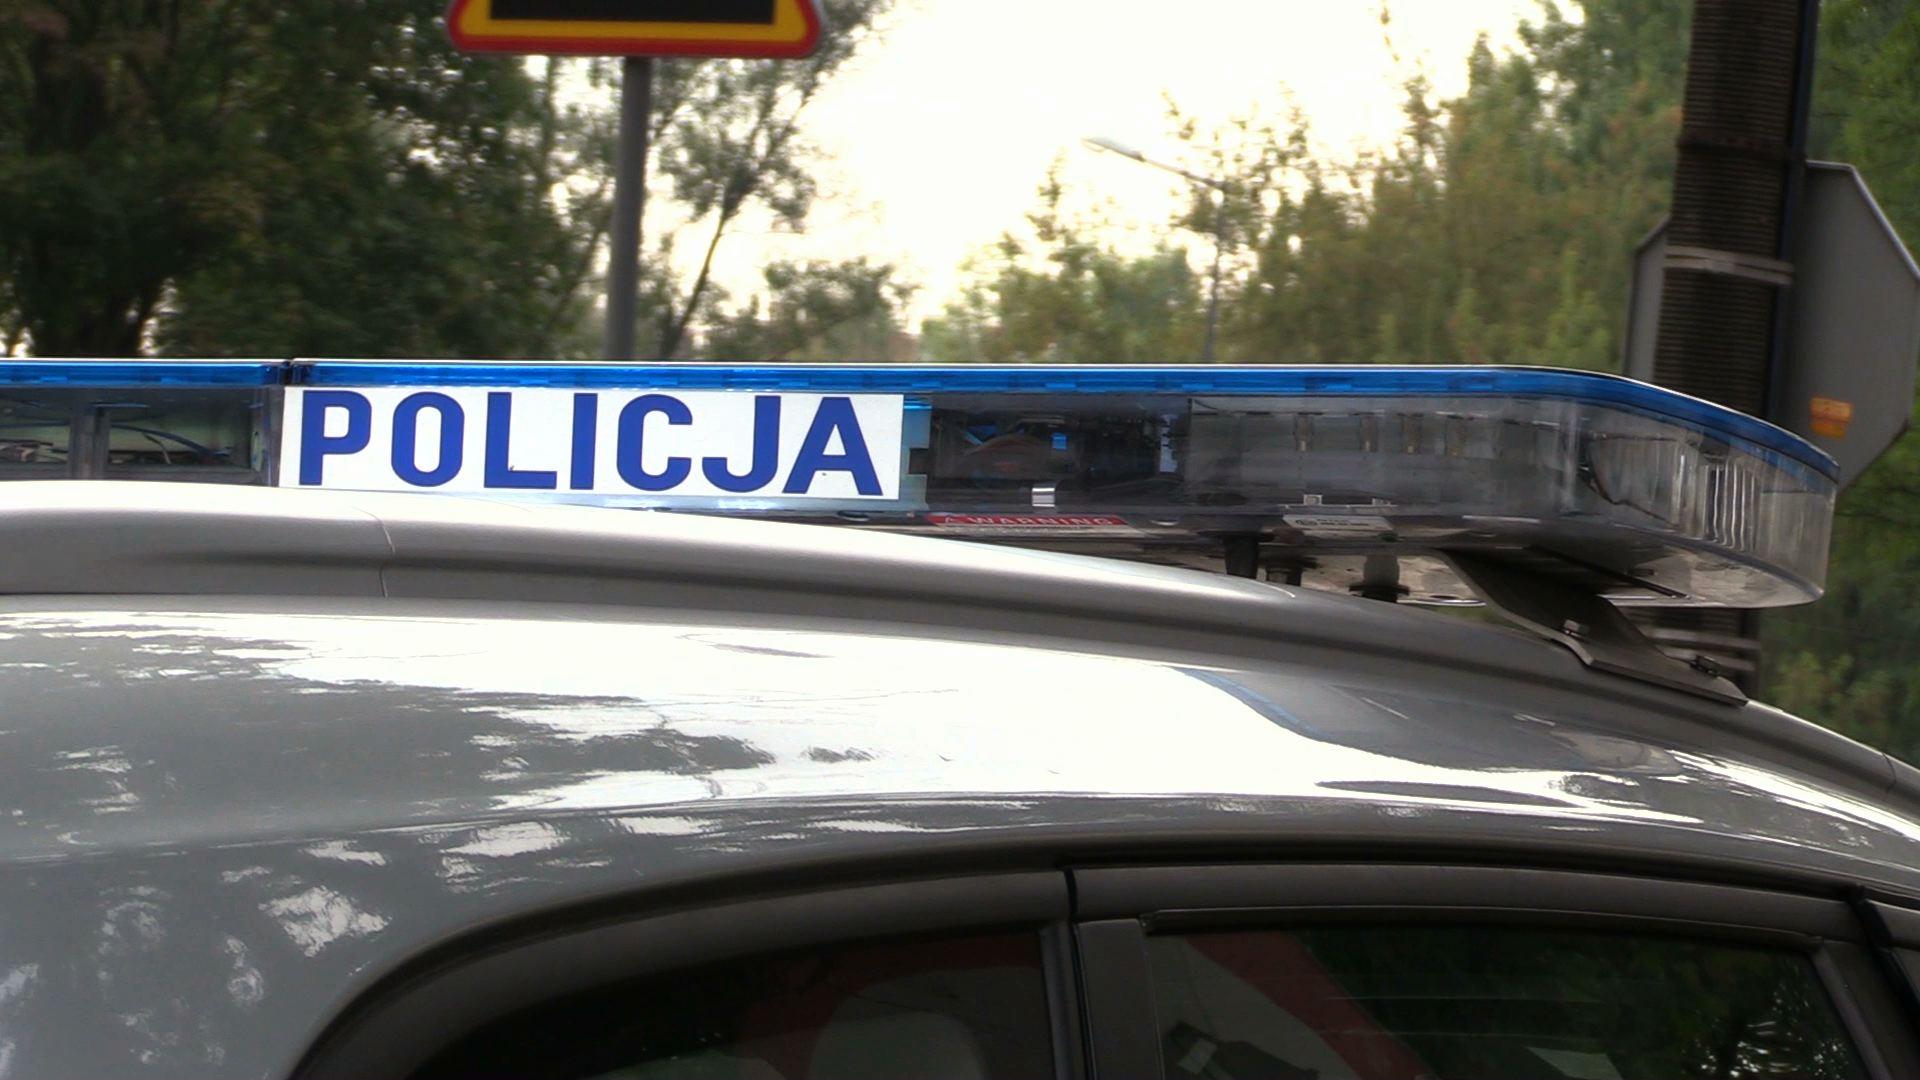 Groźny wypadek w Gliwicach na Przyszowskiej. Samochód potrącił przechodzącą przez przejście 14-latkę.